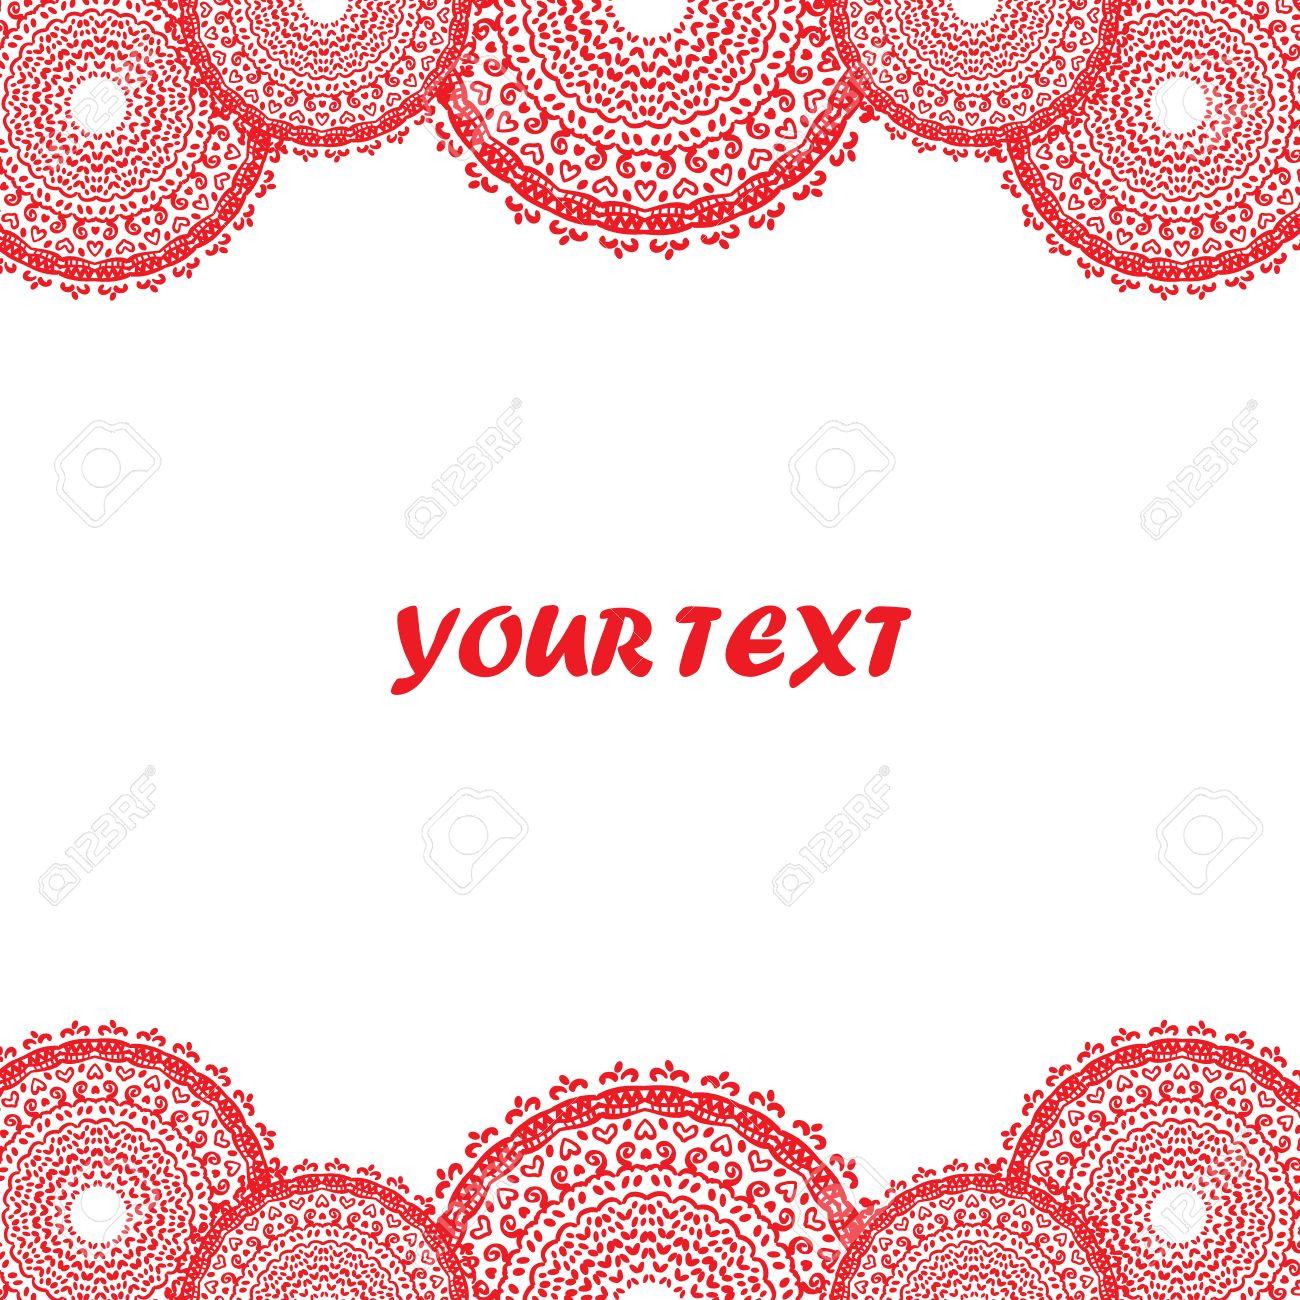 Rot Weiß Rahmen - Rund Mandala Doodle-Stil. Lizenzfrei Nutzbare ...